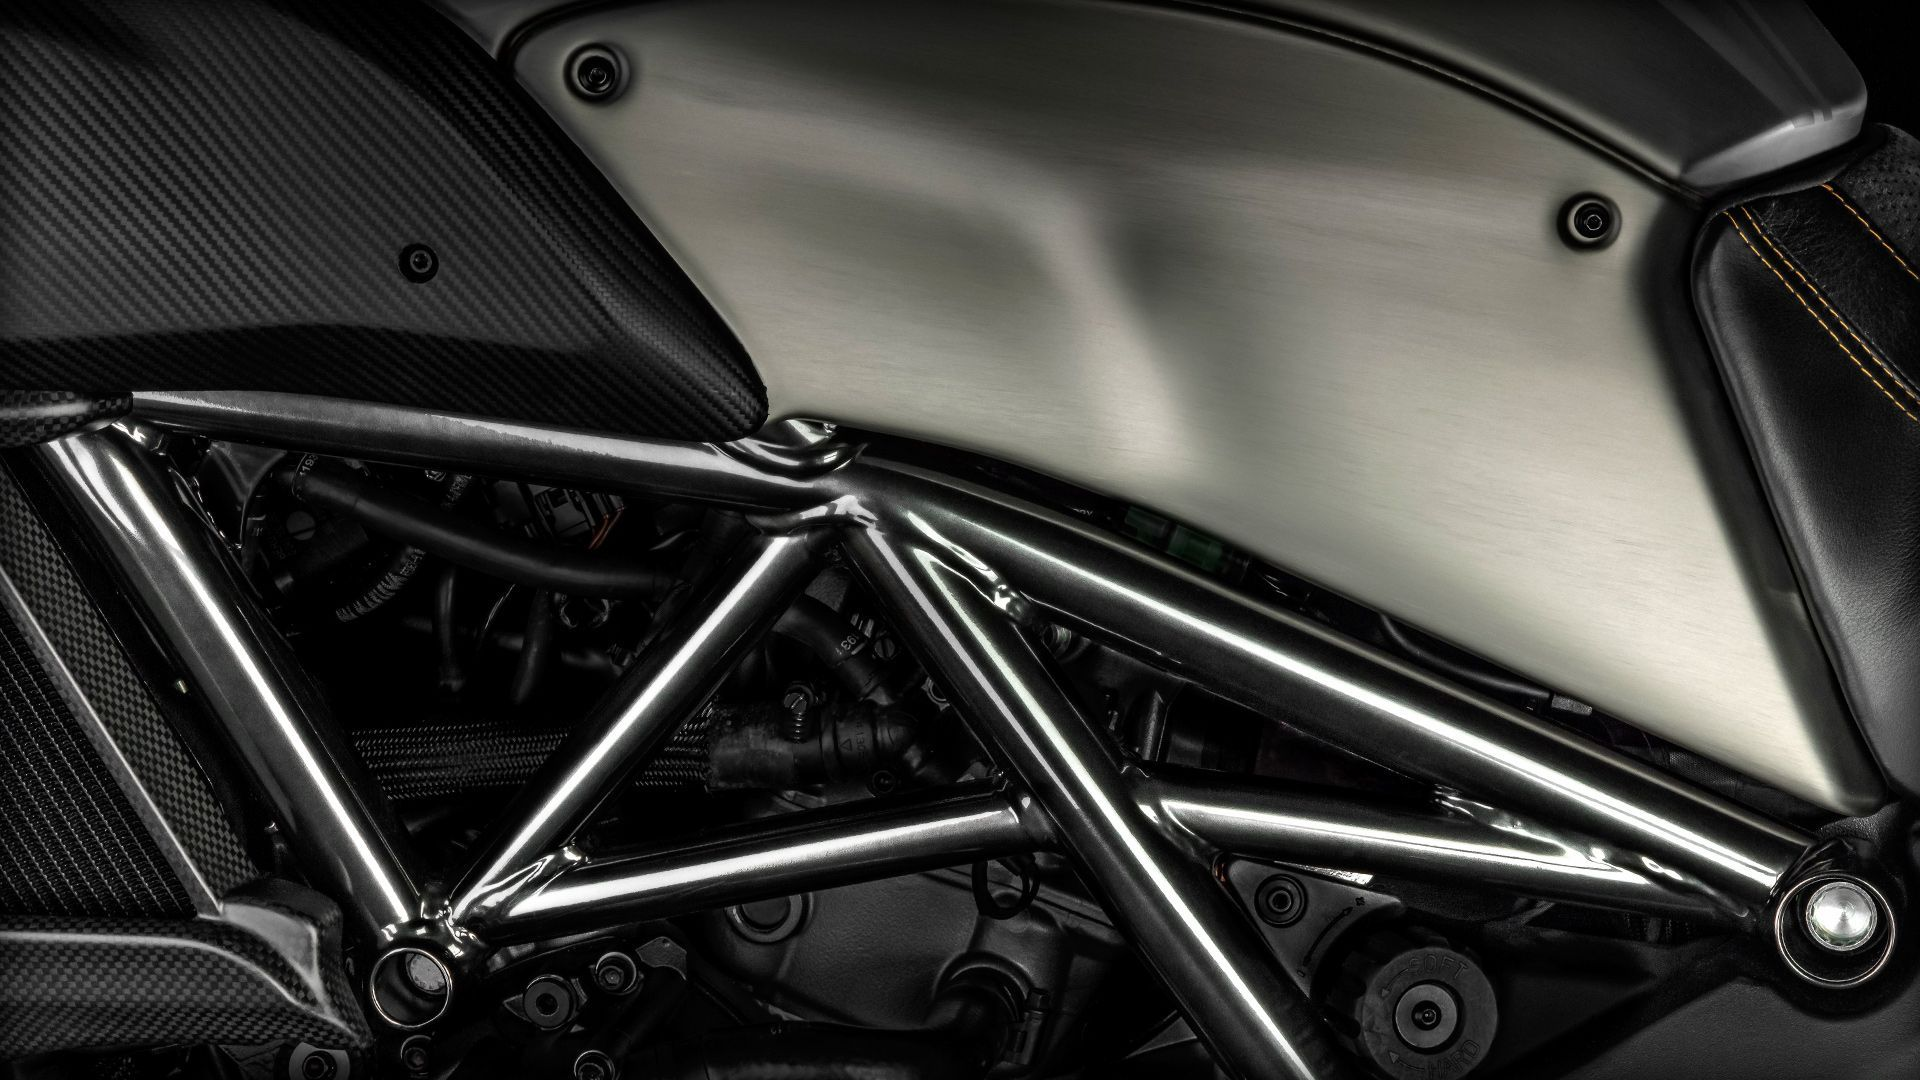 2015 Ducati Diavel Titanium | Diavel Titanium - Technology